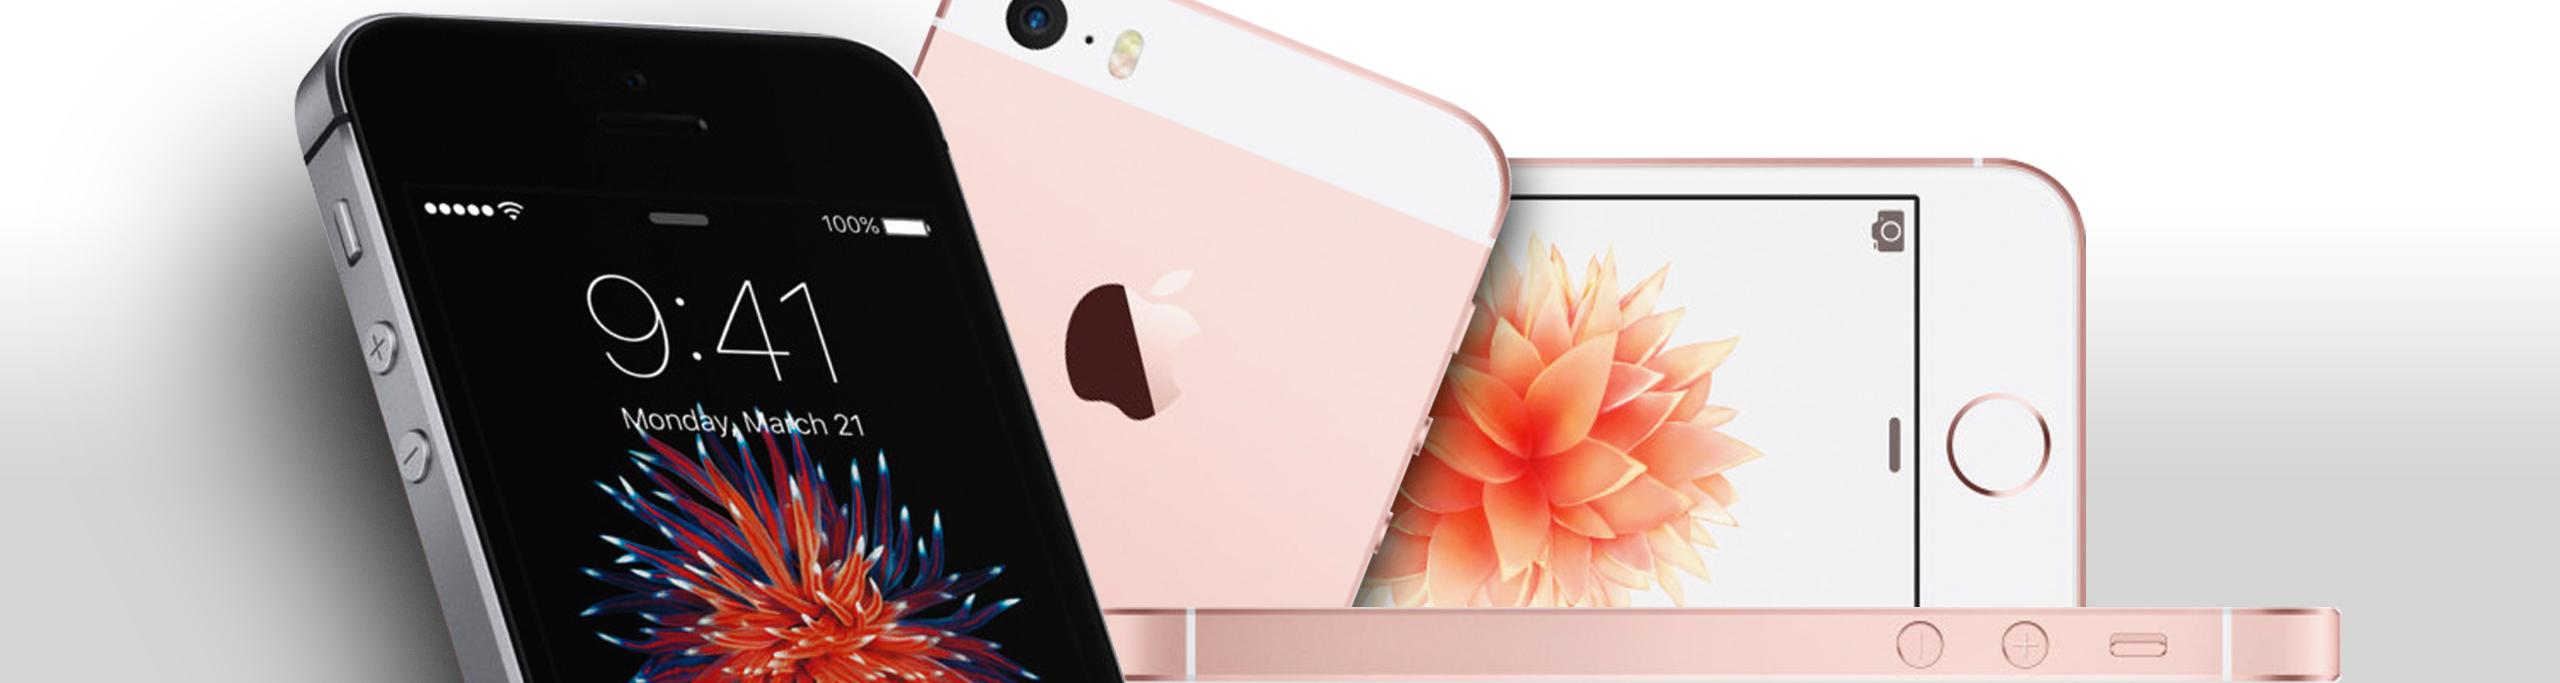 iPhone SE (A1723 / A1662 / A1724)